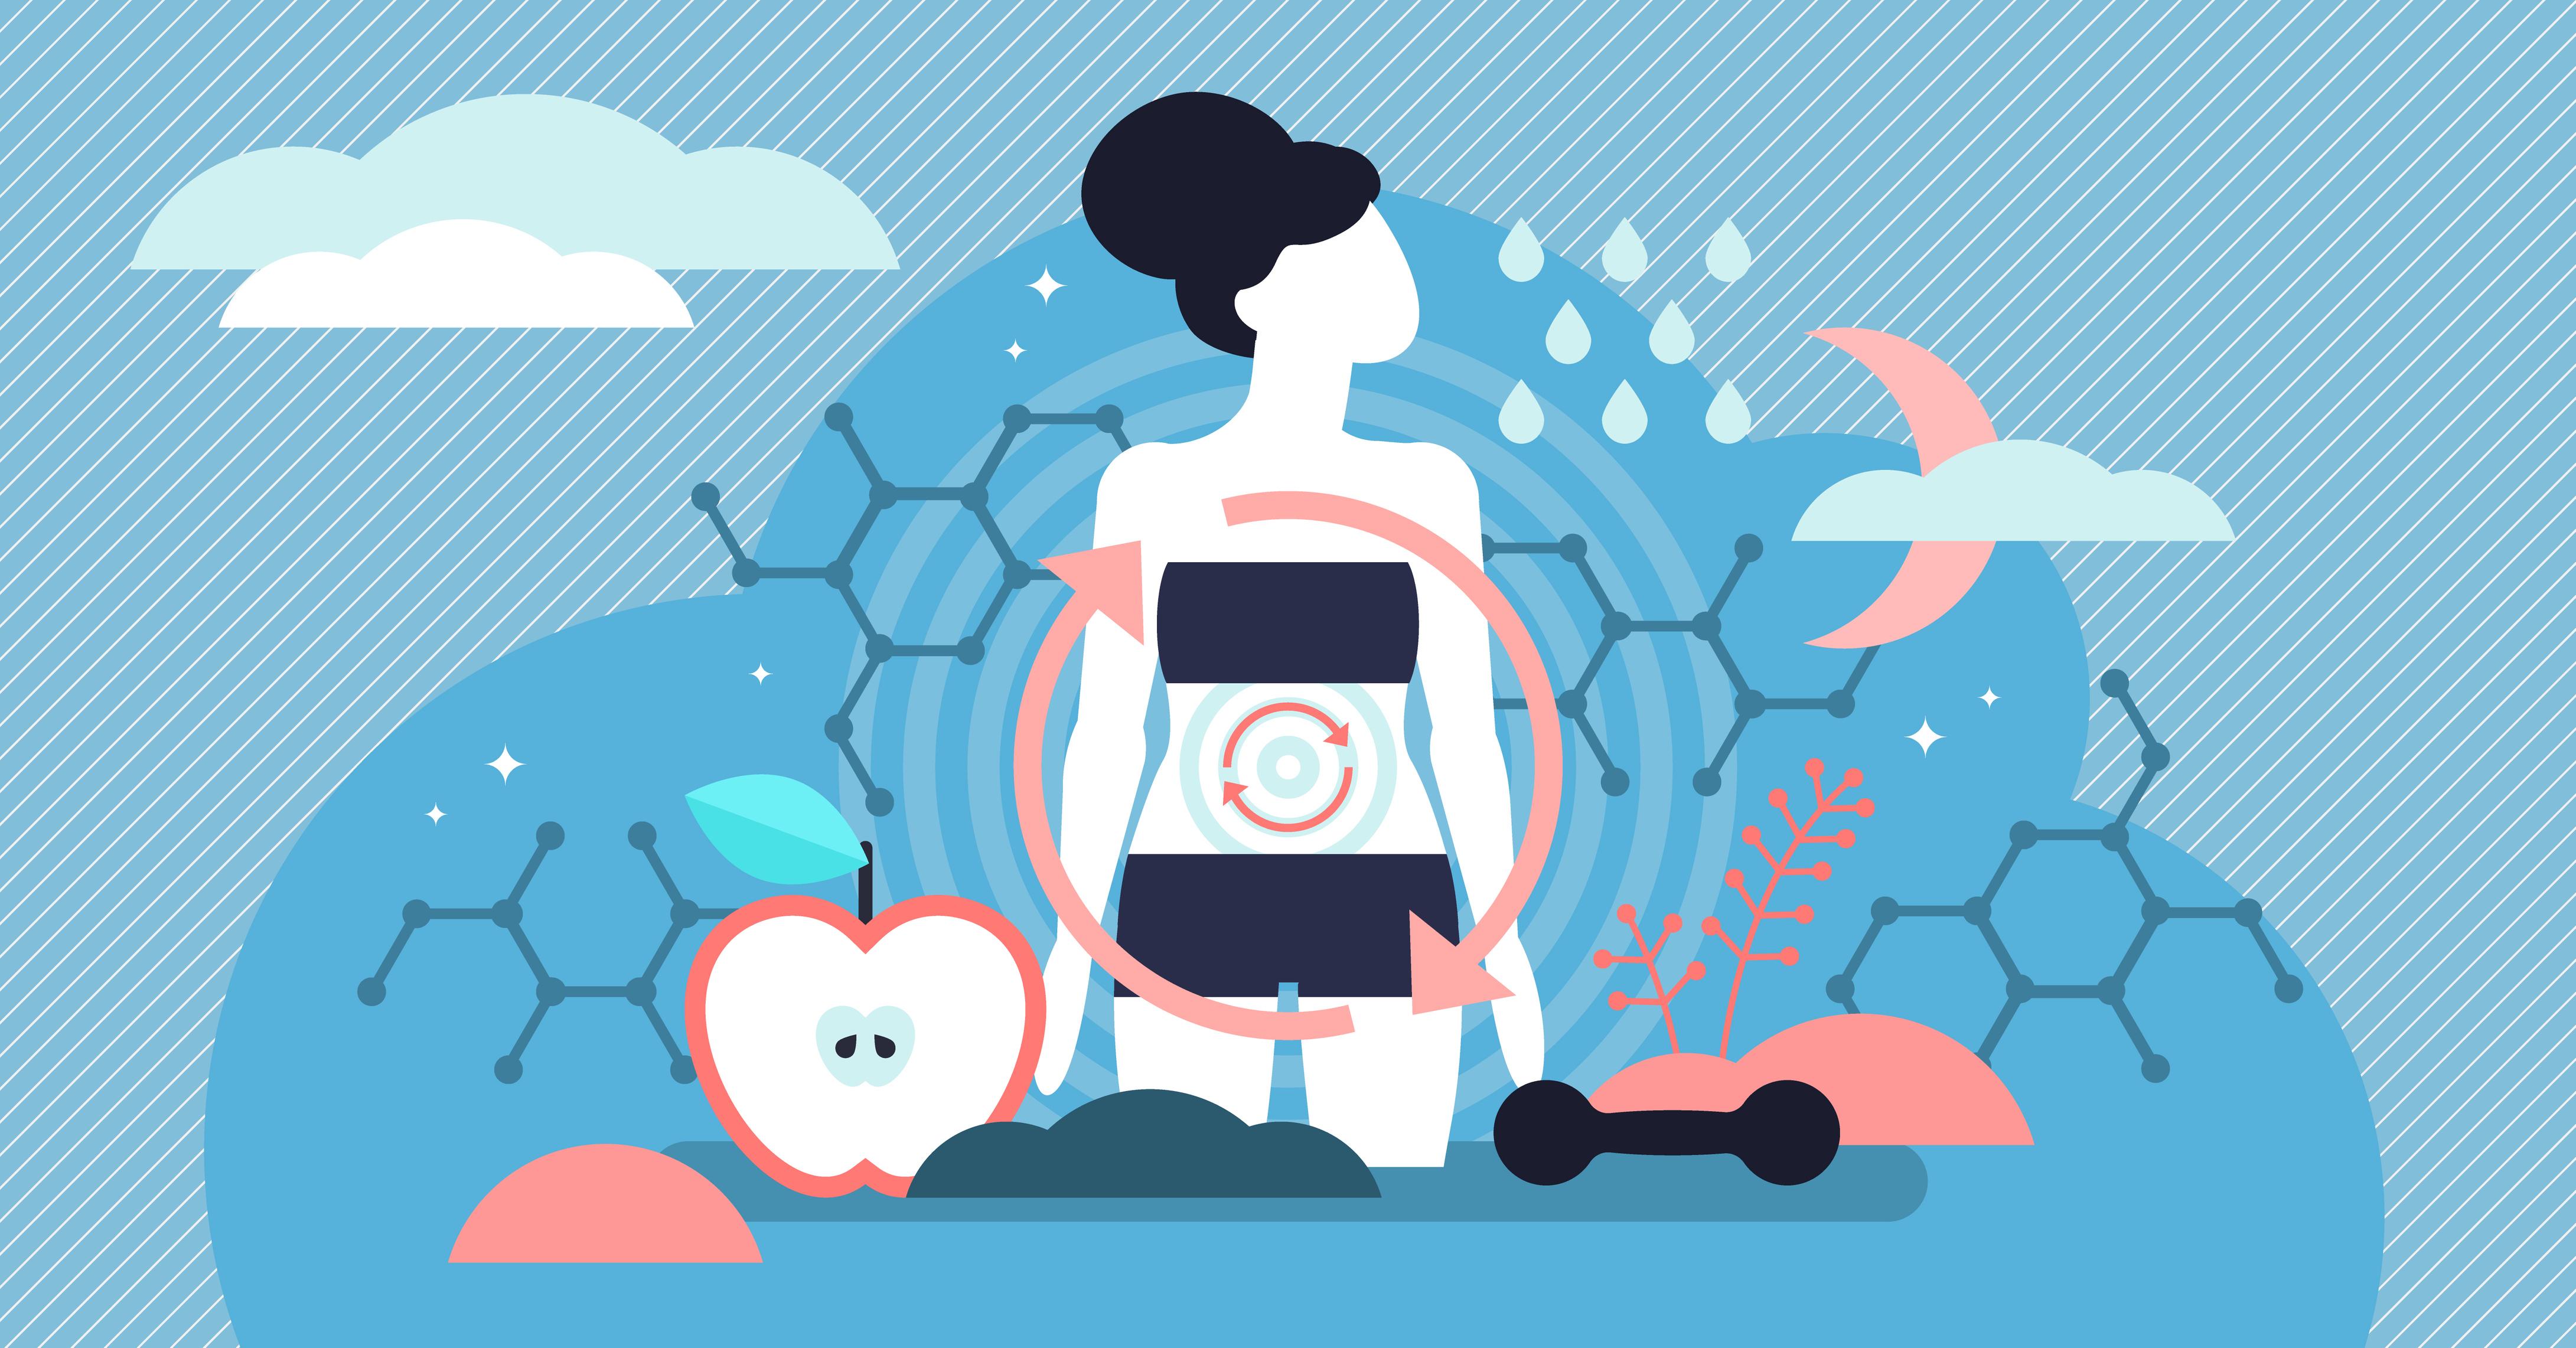 Acha que seu metabolismo está lento? Aqui está o que afeta quantas calorias você queima diariamente